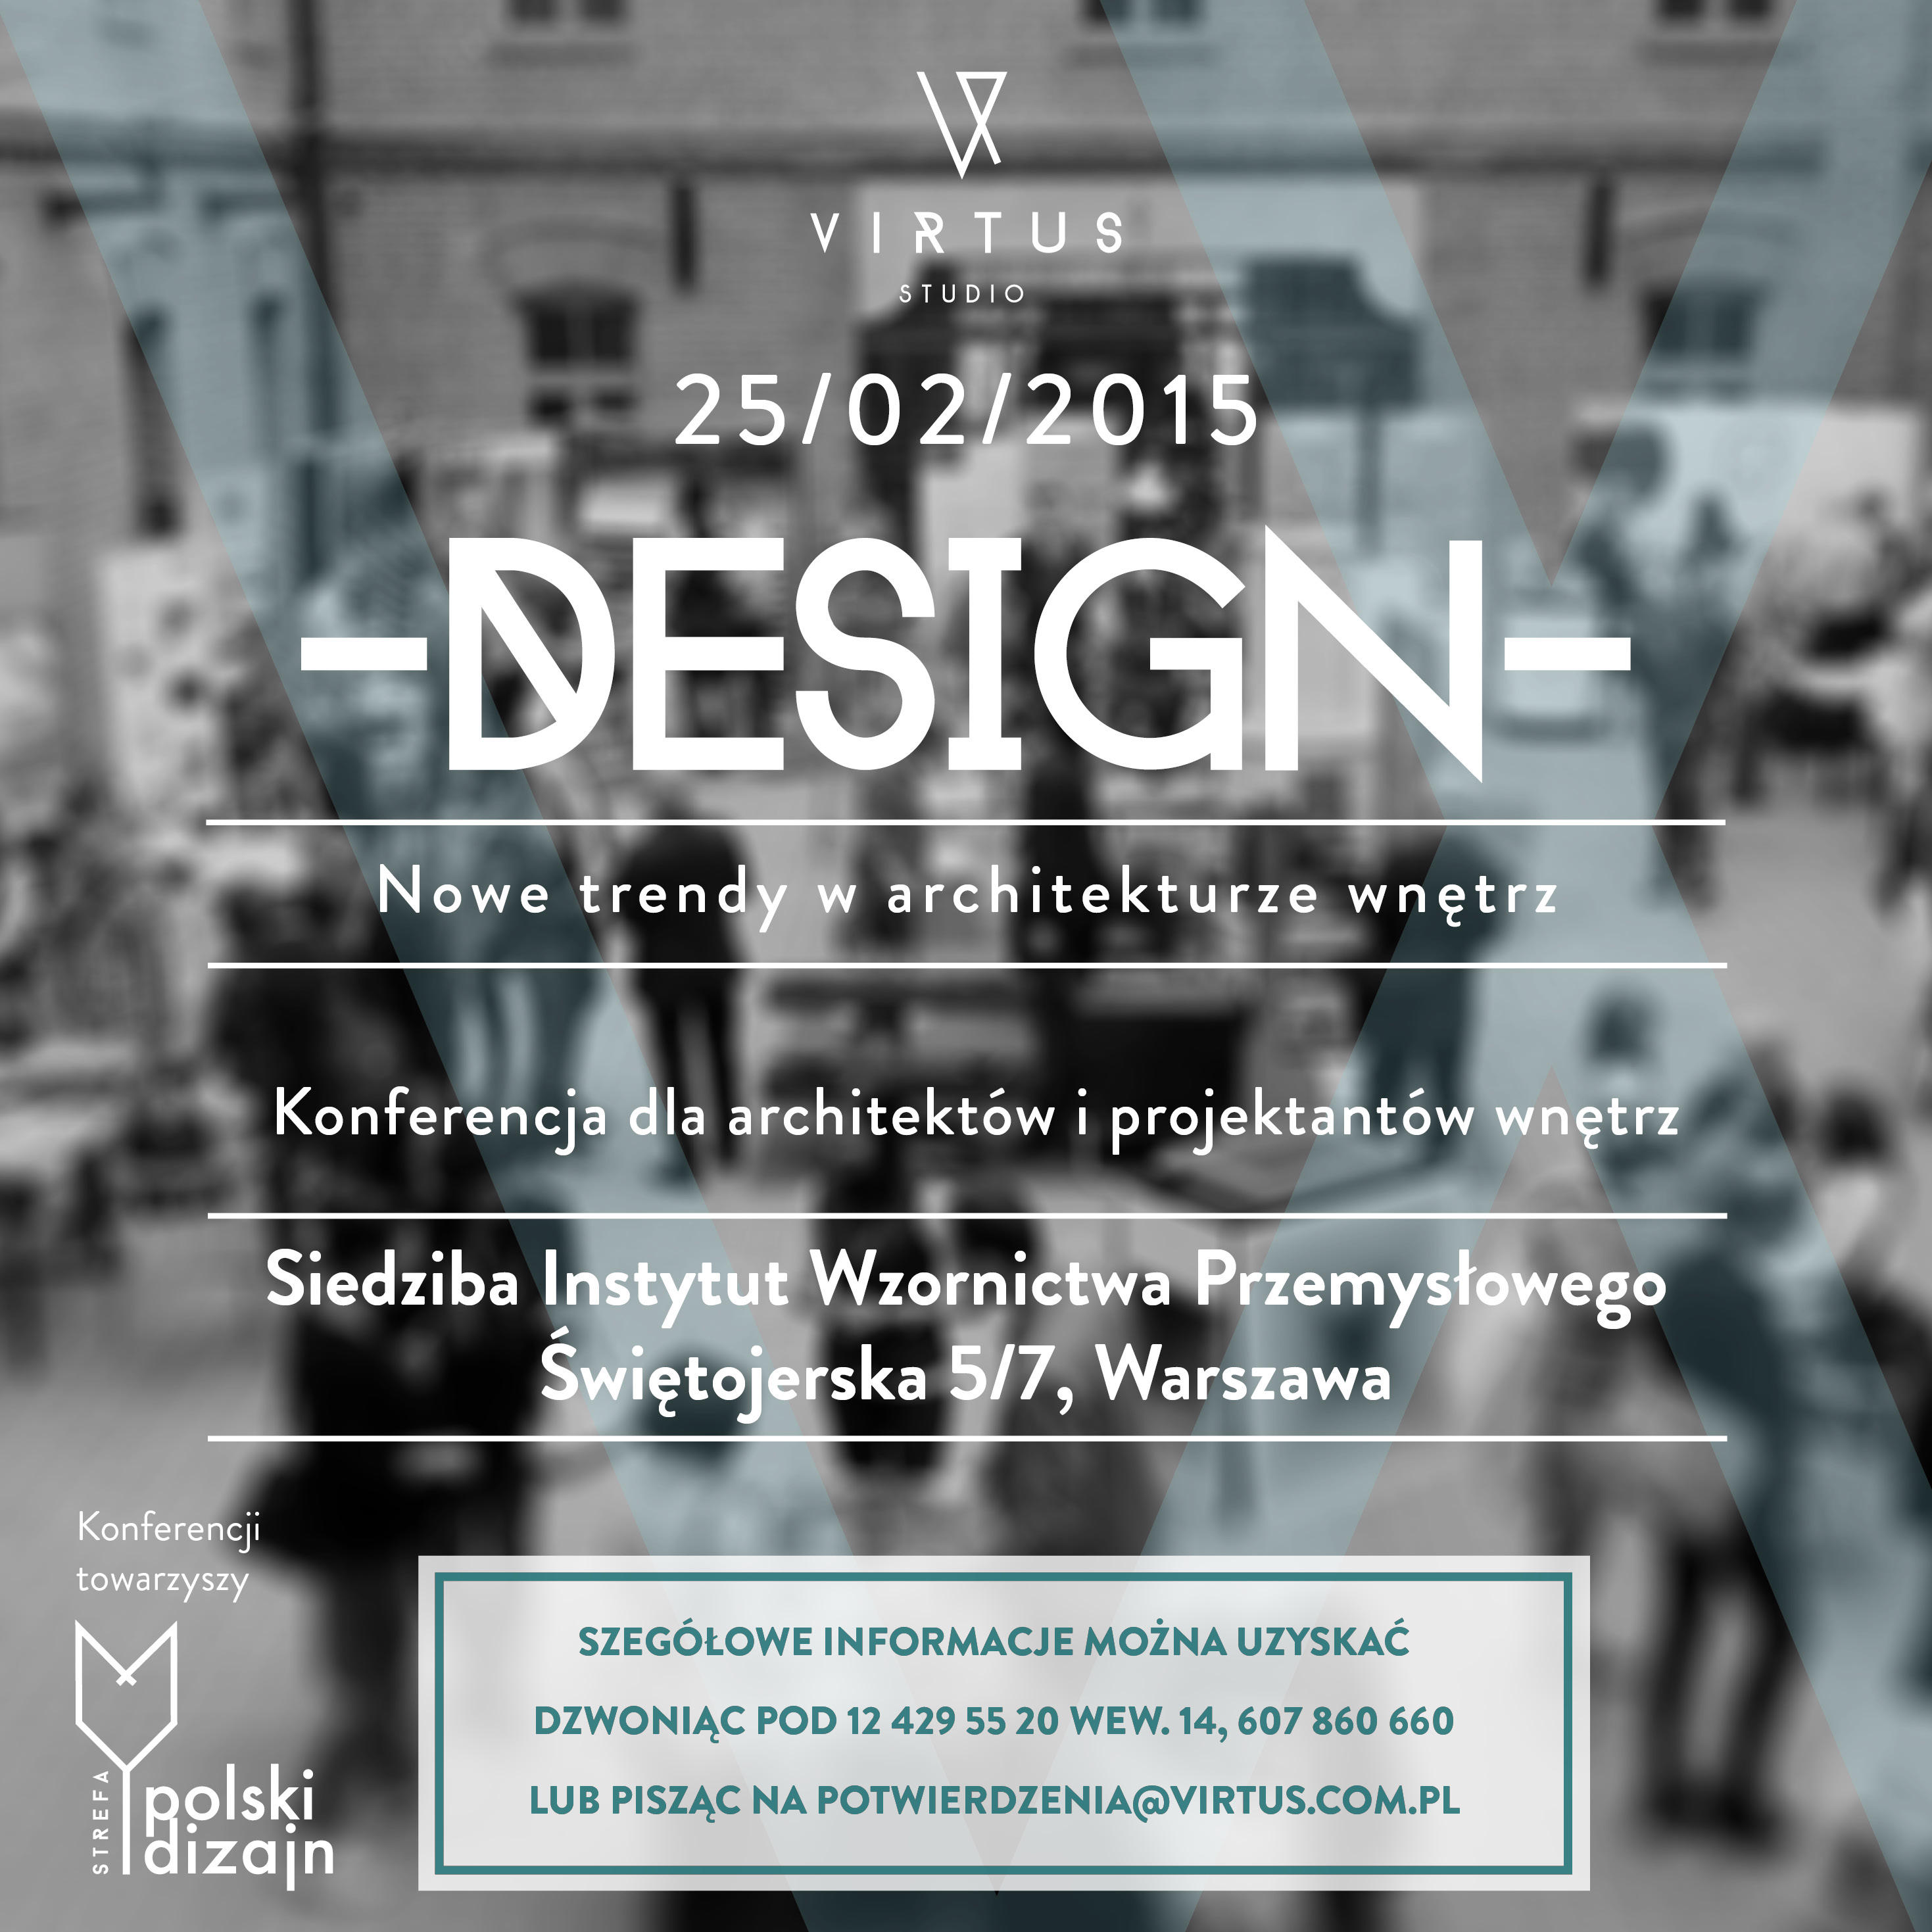 Virtus Studio zaprasza na pierwsze w tym roku Konferencje dla architektów z cyklu DESIGN – nowe trendy w architekturze wnętrz